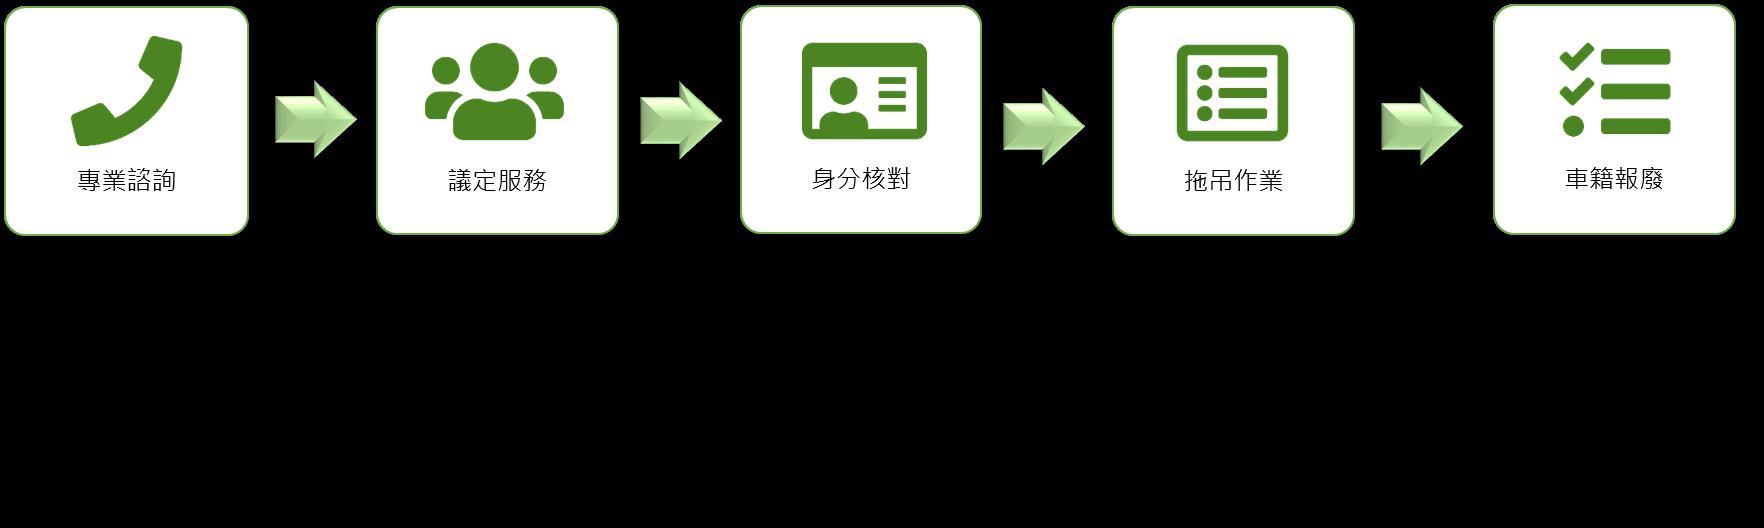 廢車回收服務流程